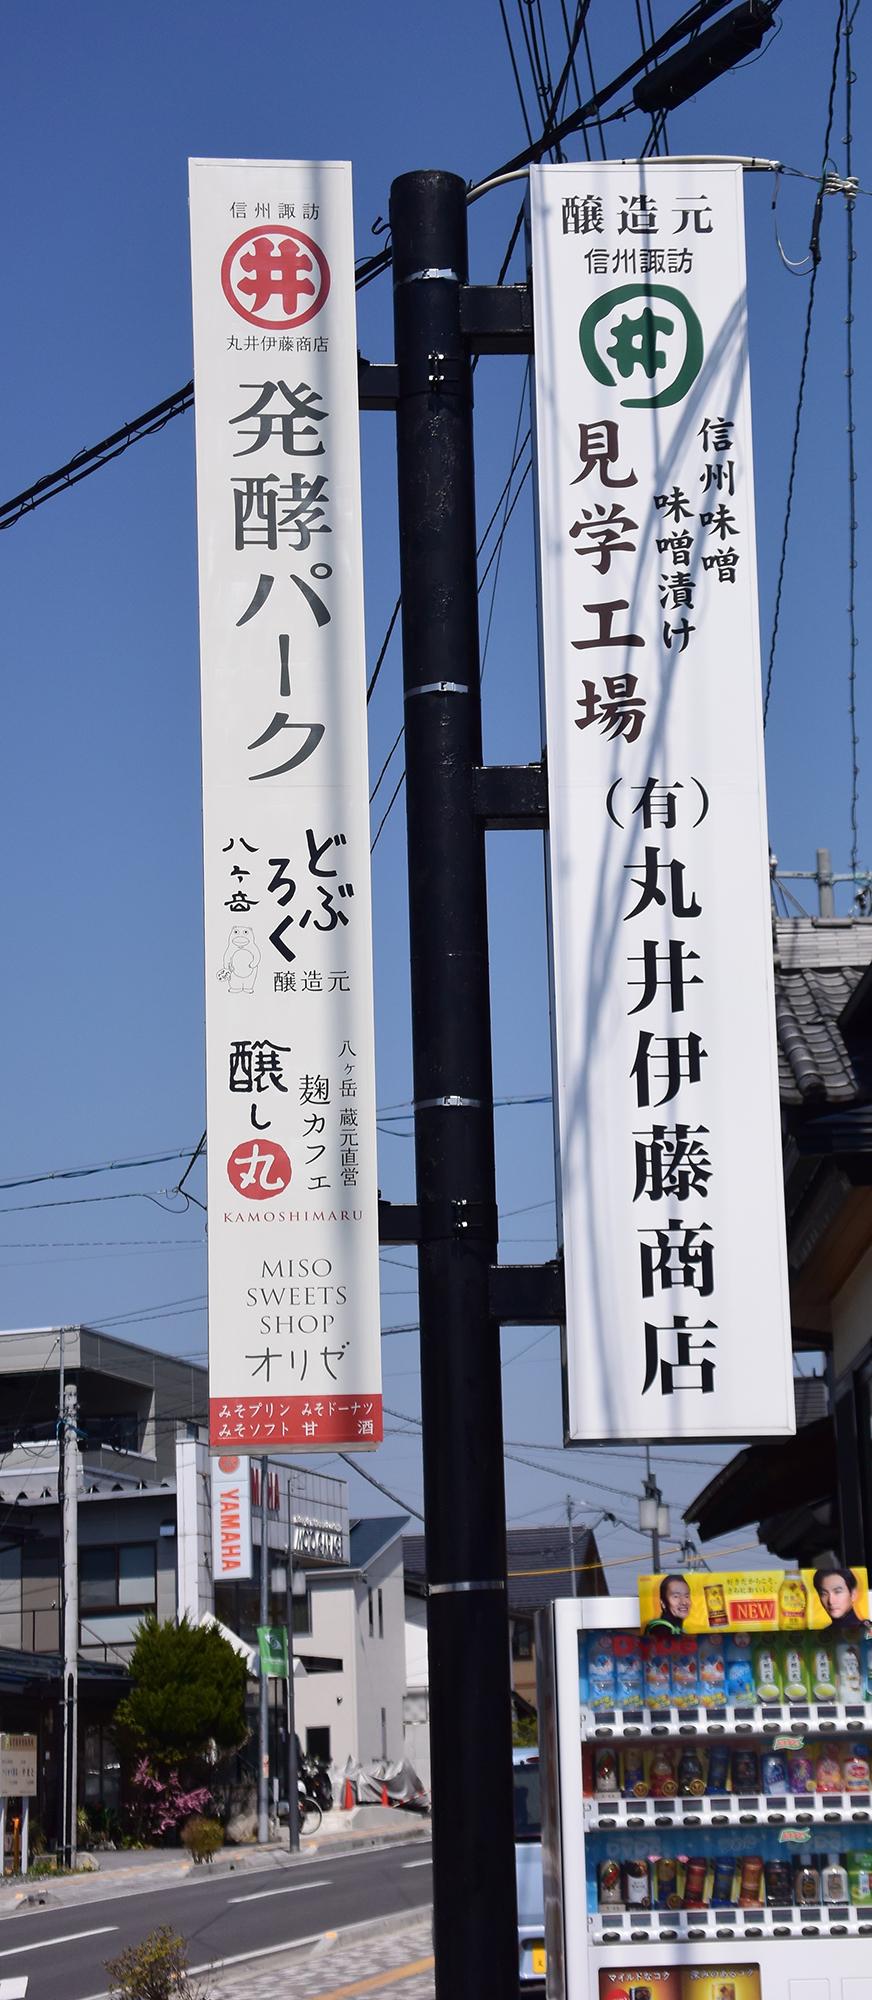 丸井伊藤商店様新しい看板できました。